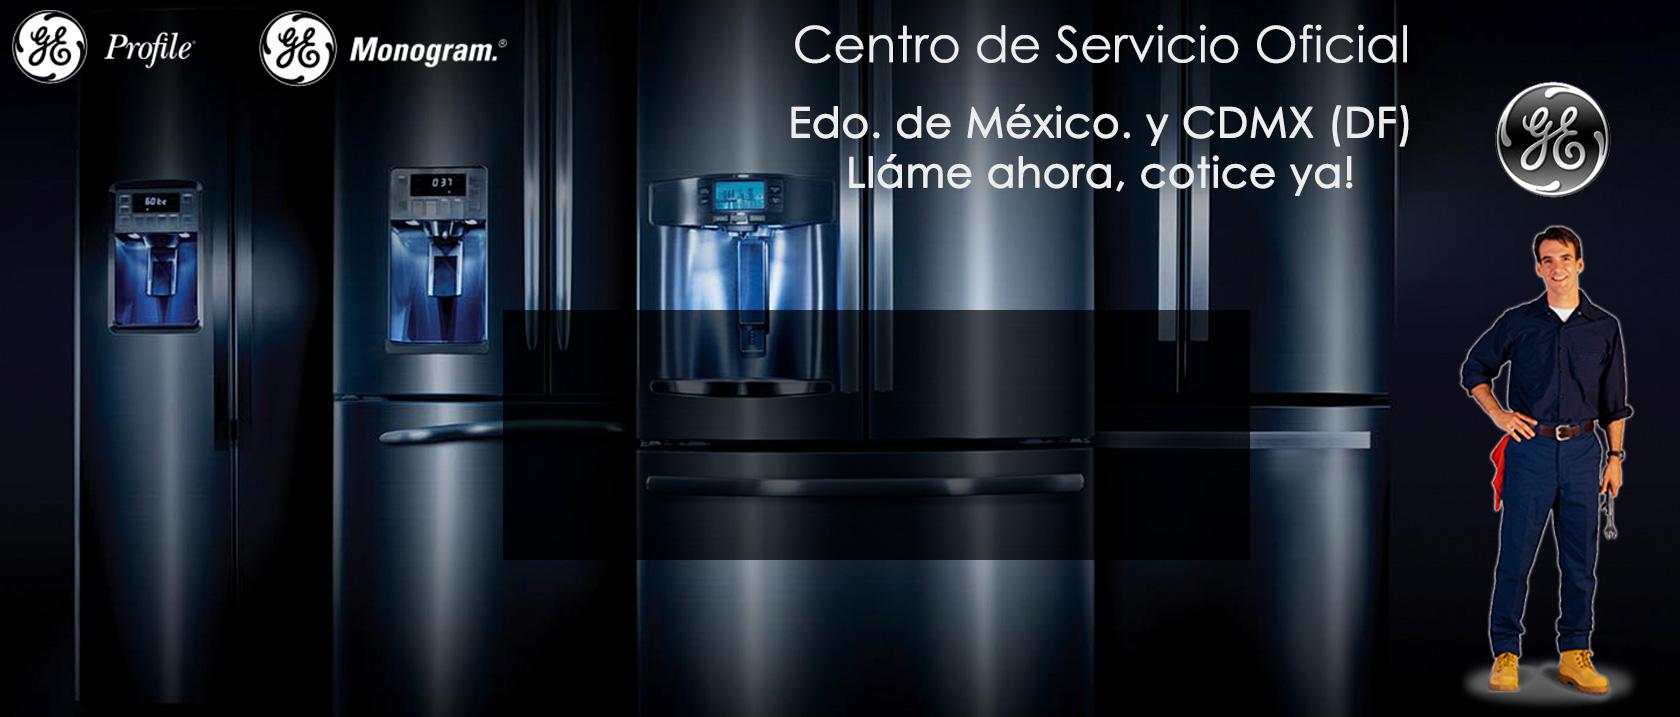 Centro t cnico de servicio l nea blanca general electric estado de m xico cdmx df - Servicio tecnico de general electric ...